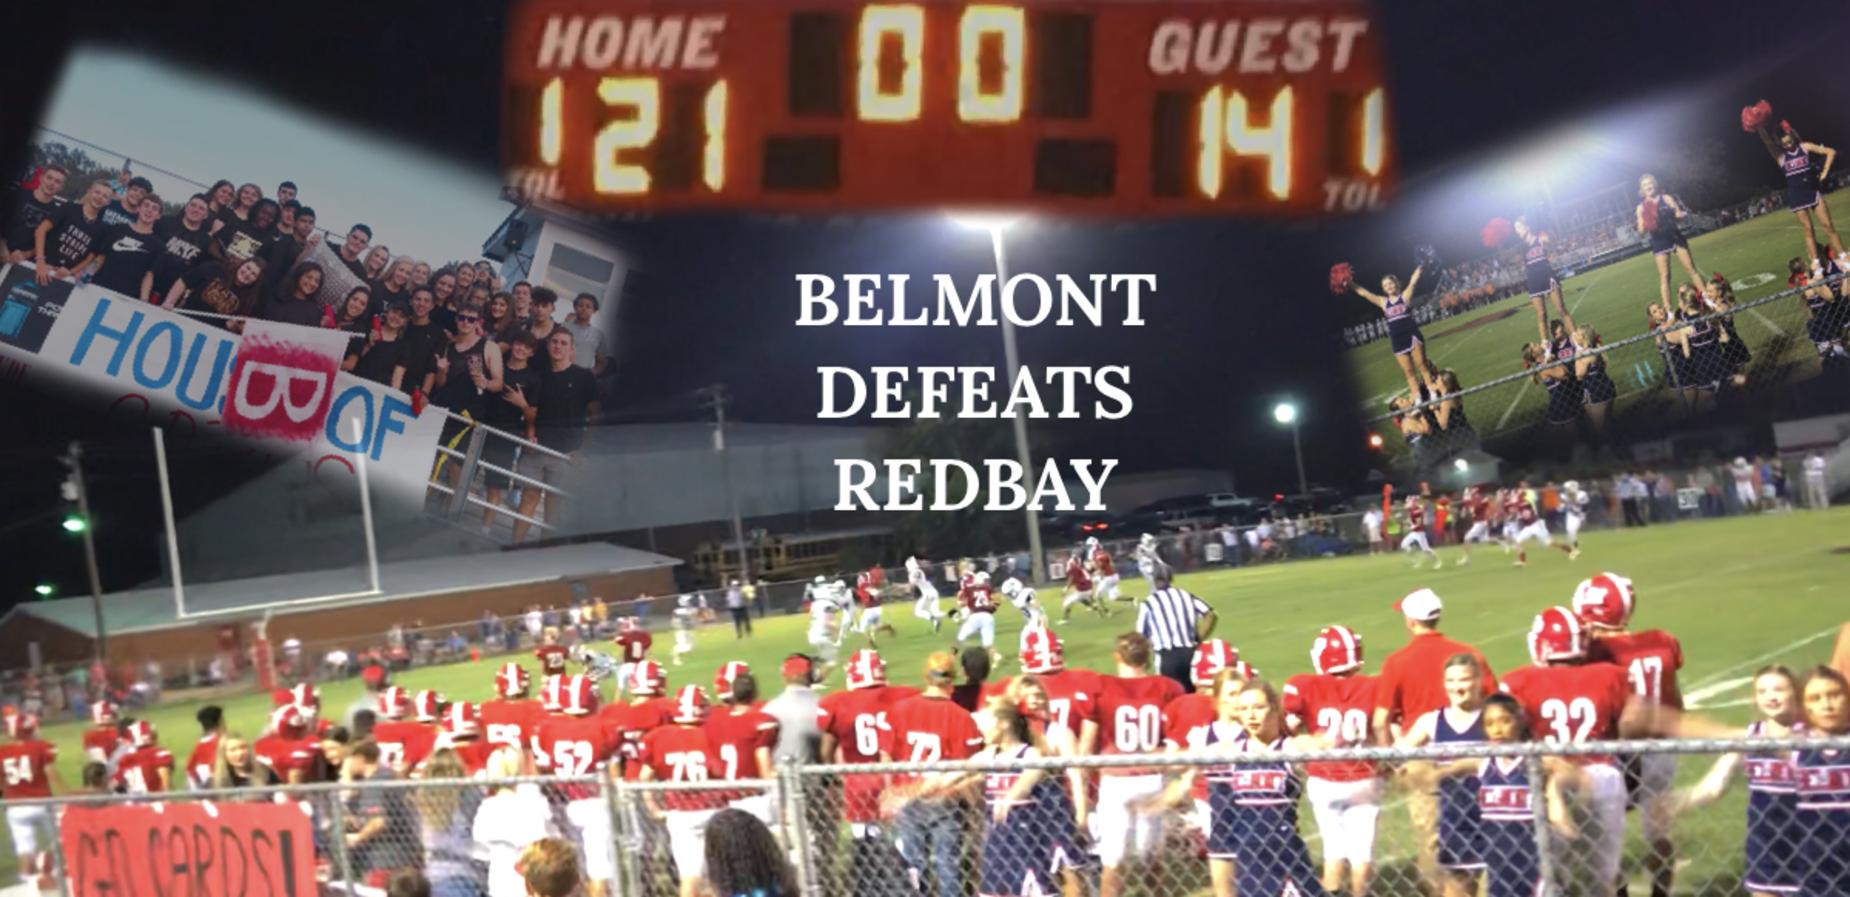 Belmont Football Defeats Redbay